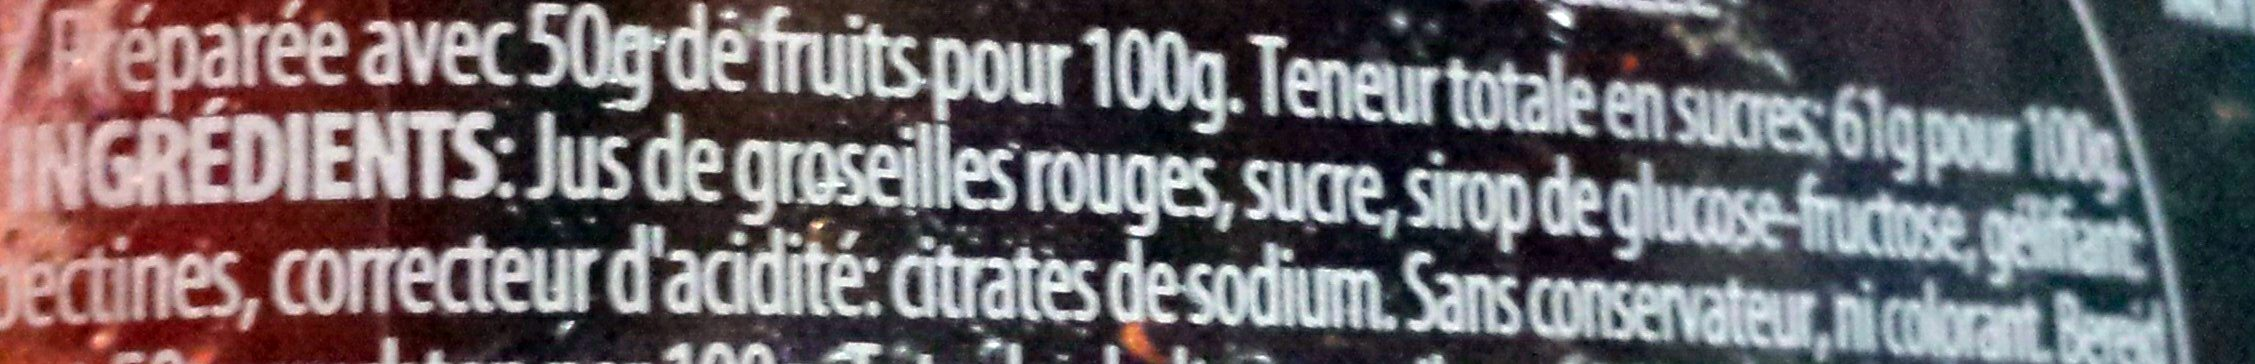 Gelée de groseilles rouges - Ingredients - fr